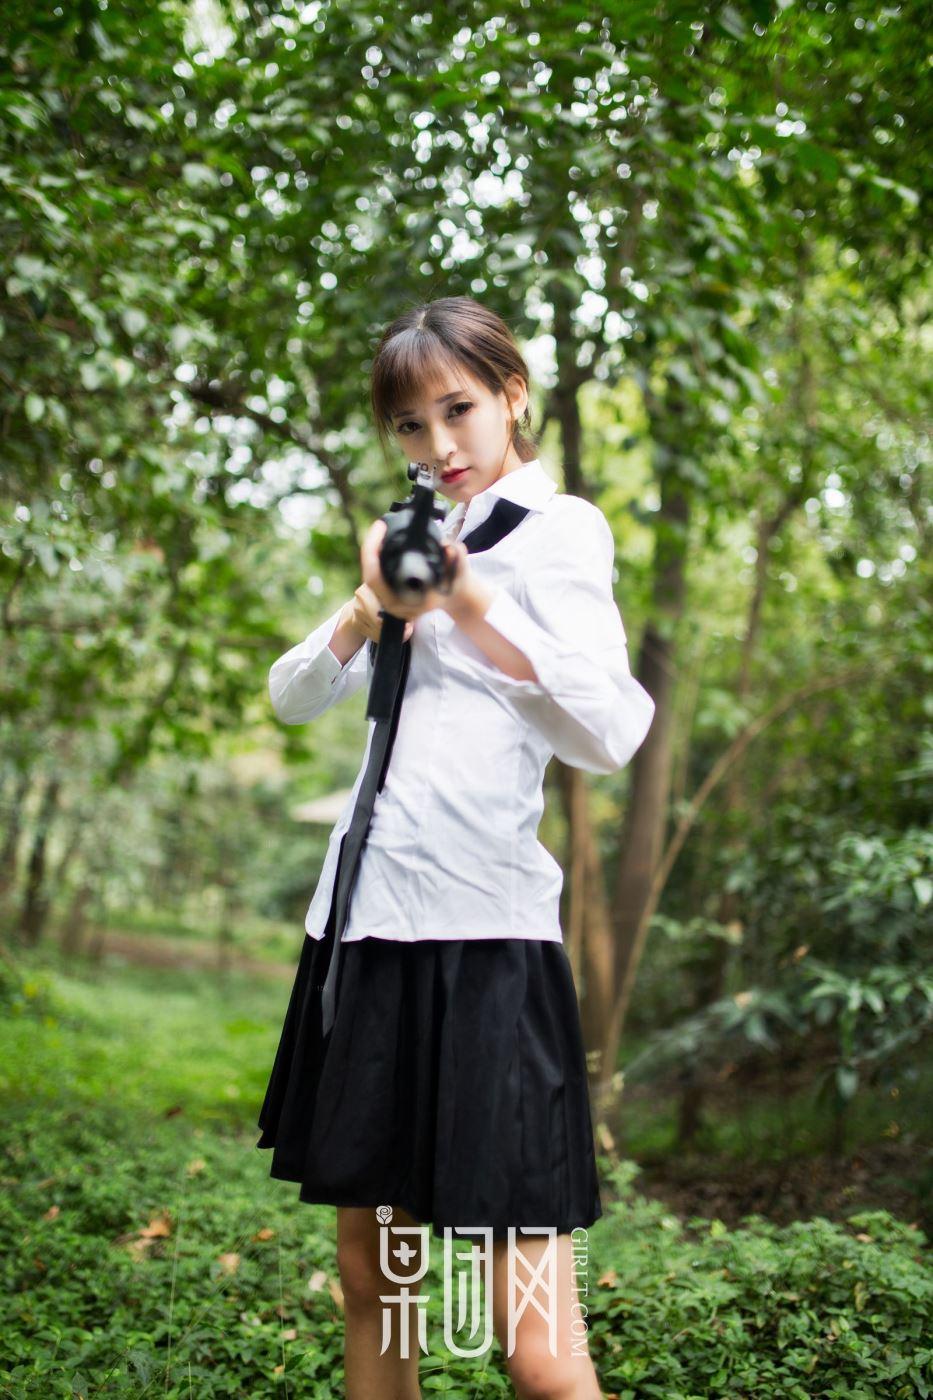 龙珠美女主播蘑菇制服美女长筒袜吃鸡少女写真图片